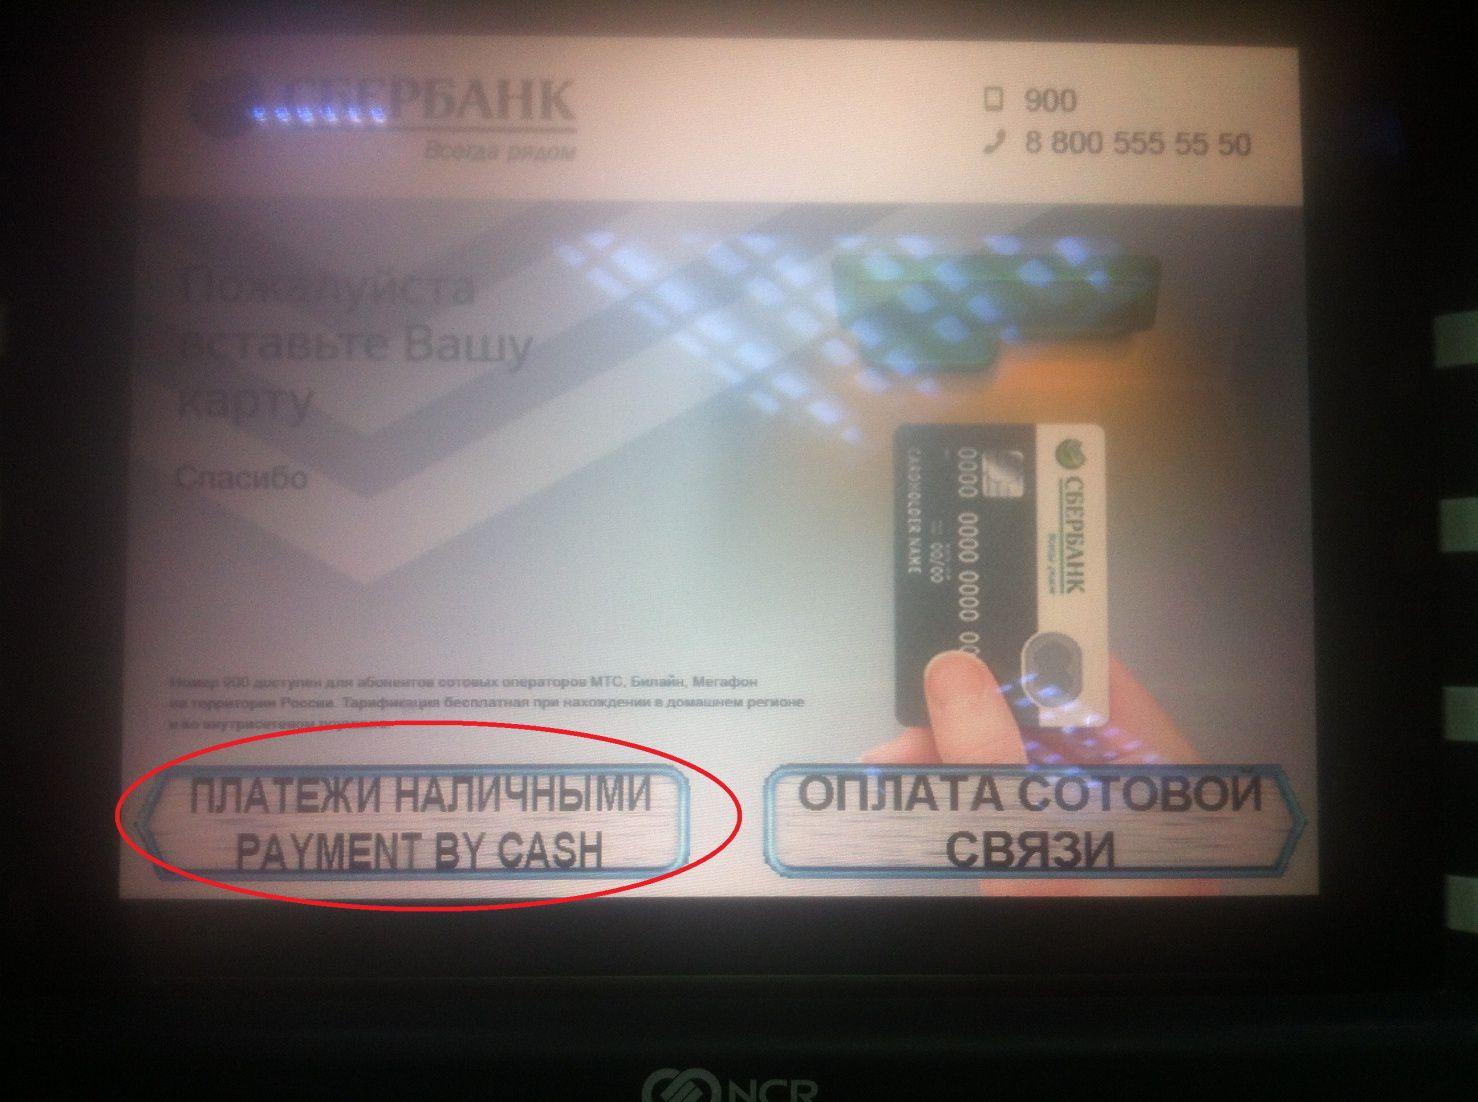 Платежи наличными